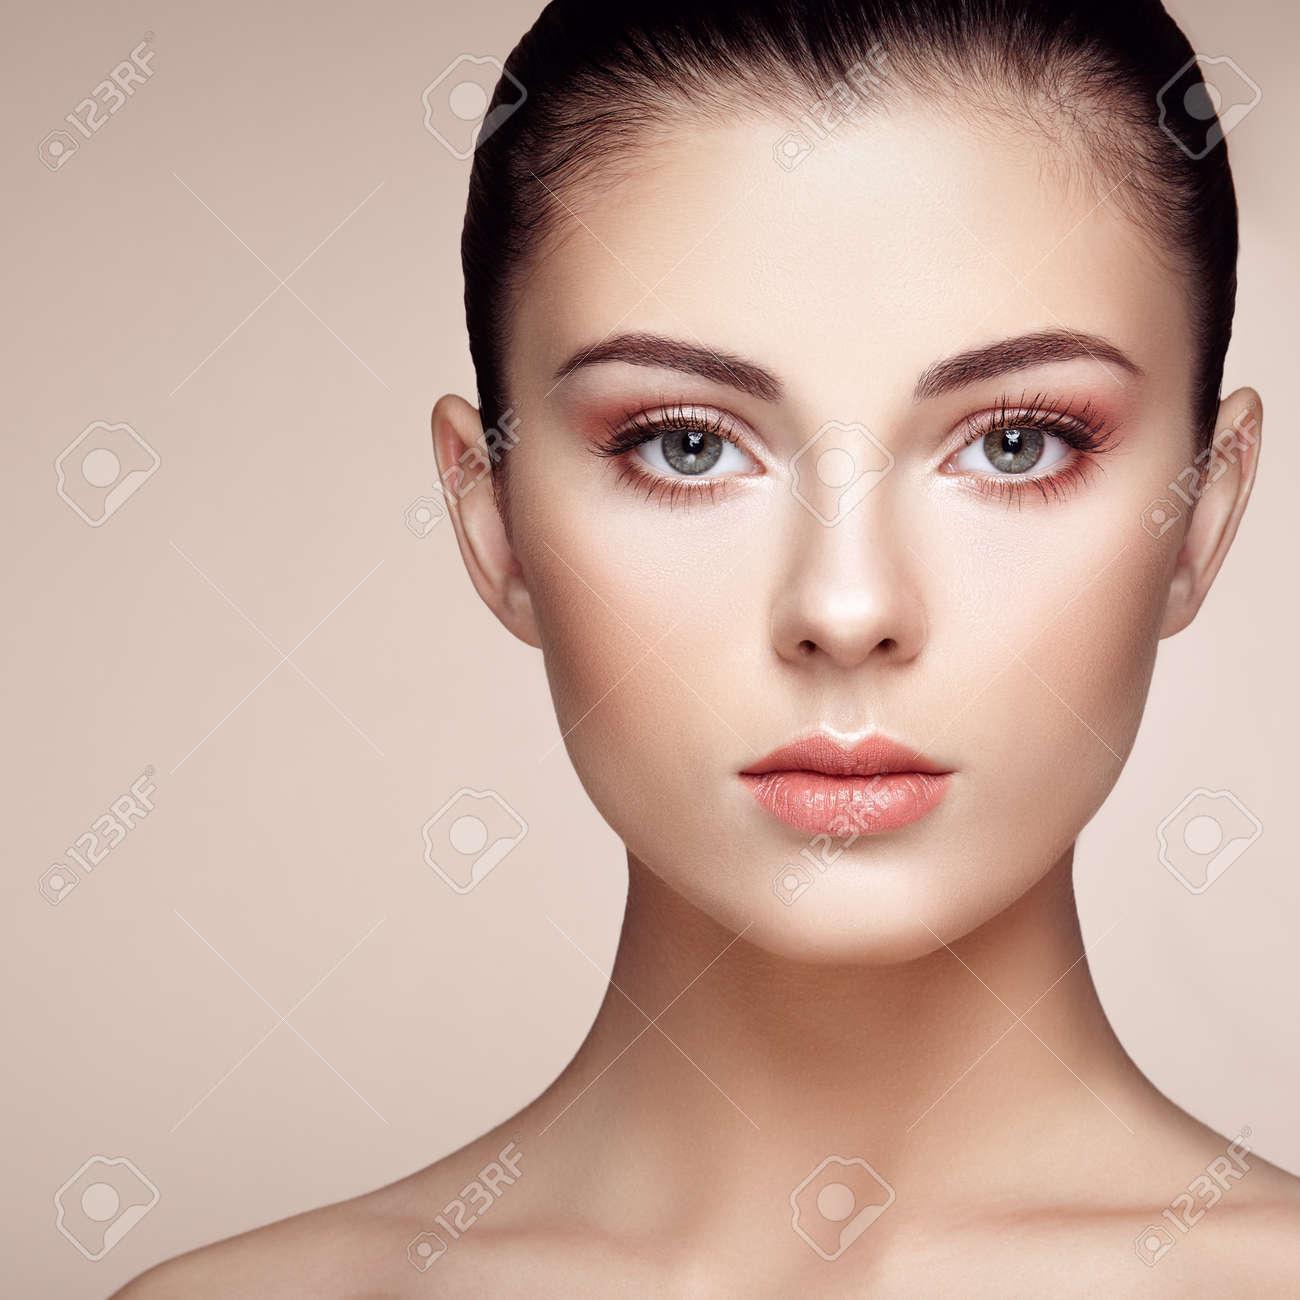 rostro de mujer hermosa maquillaje perfecto manera de la belleza